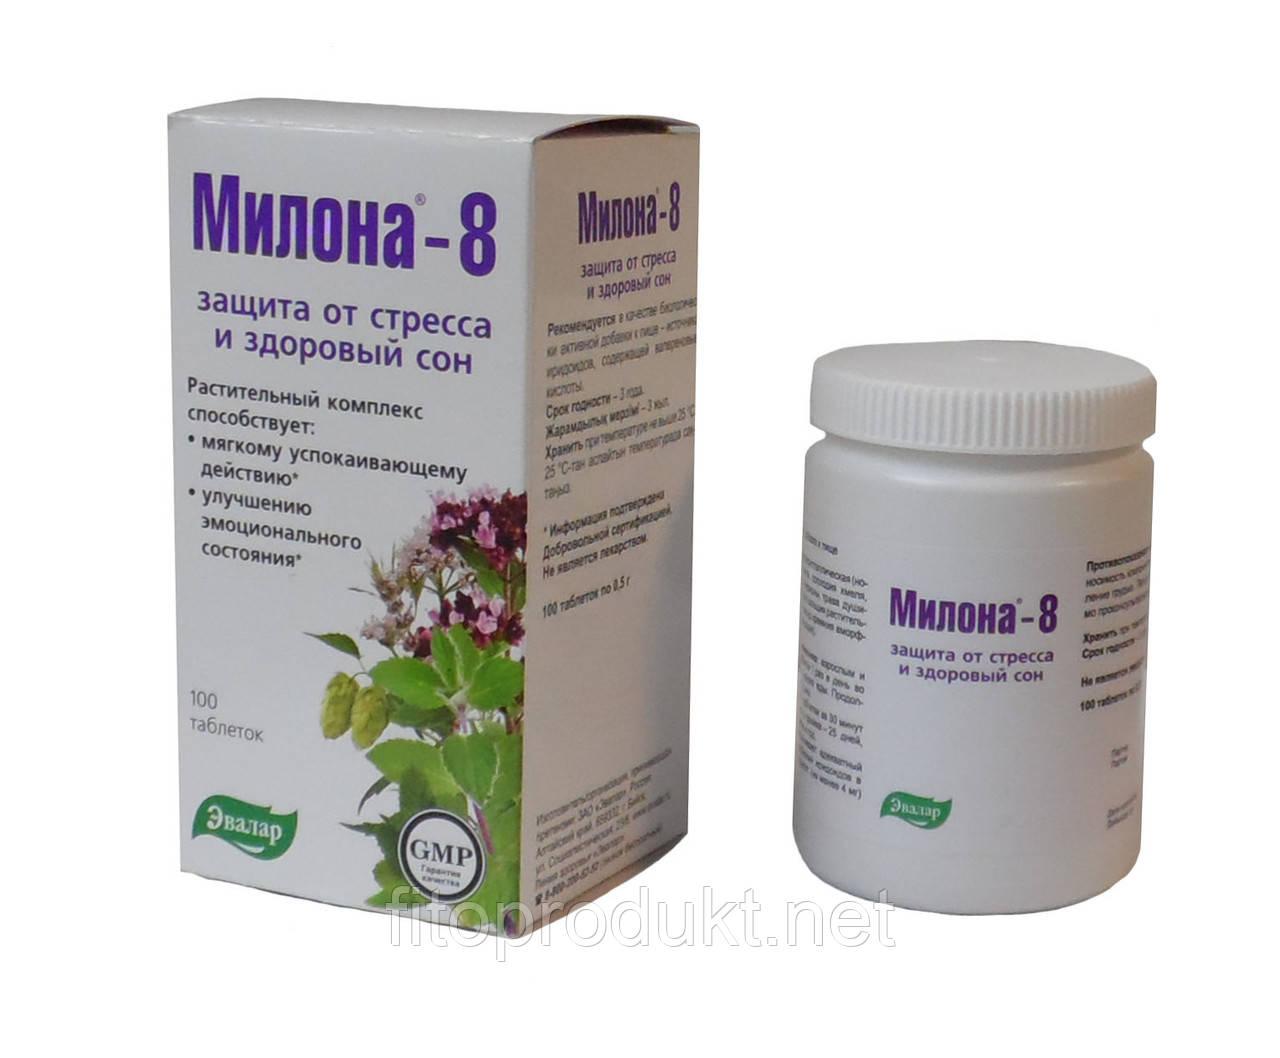 Милона-8 успокаивающая защита от стресса и здоровый сон №100 Эвалар